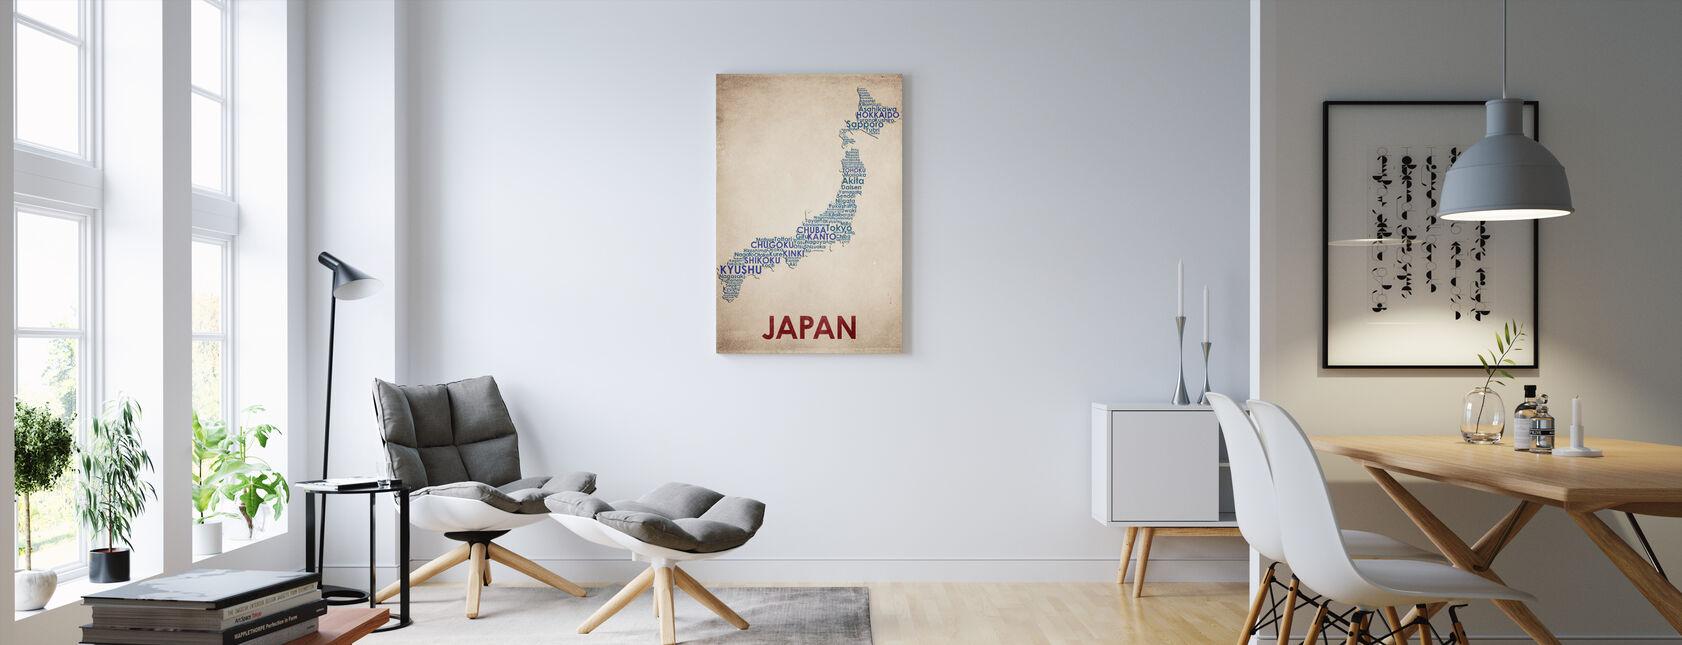 Japon Carte - Impression sur toile - Salle à manger